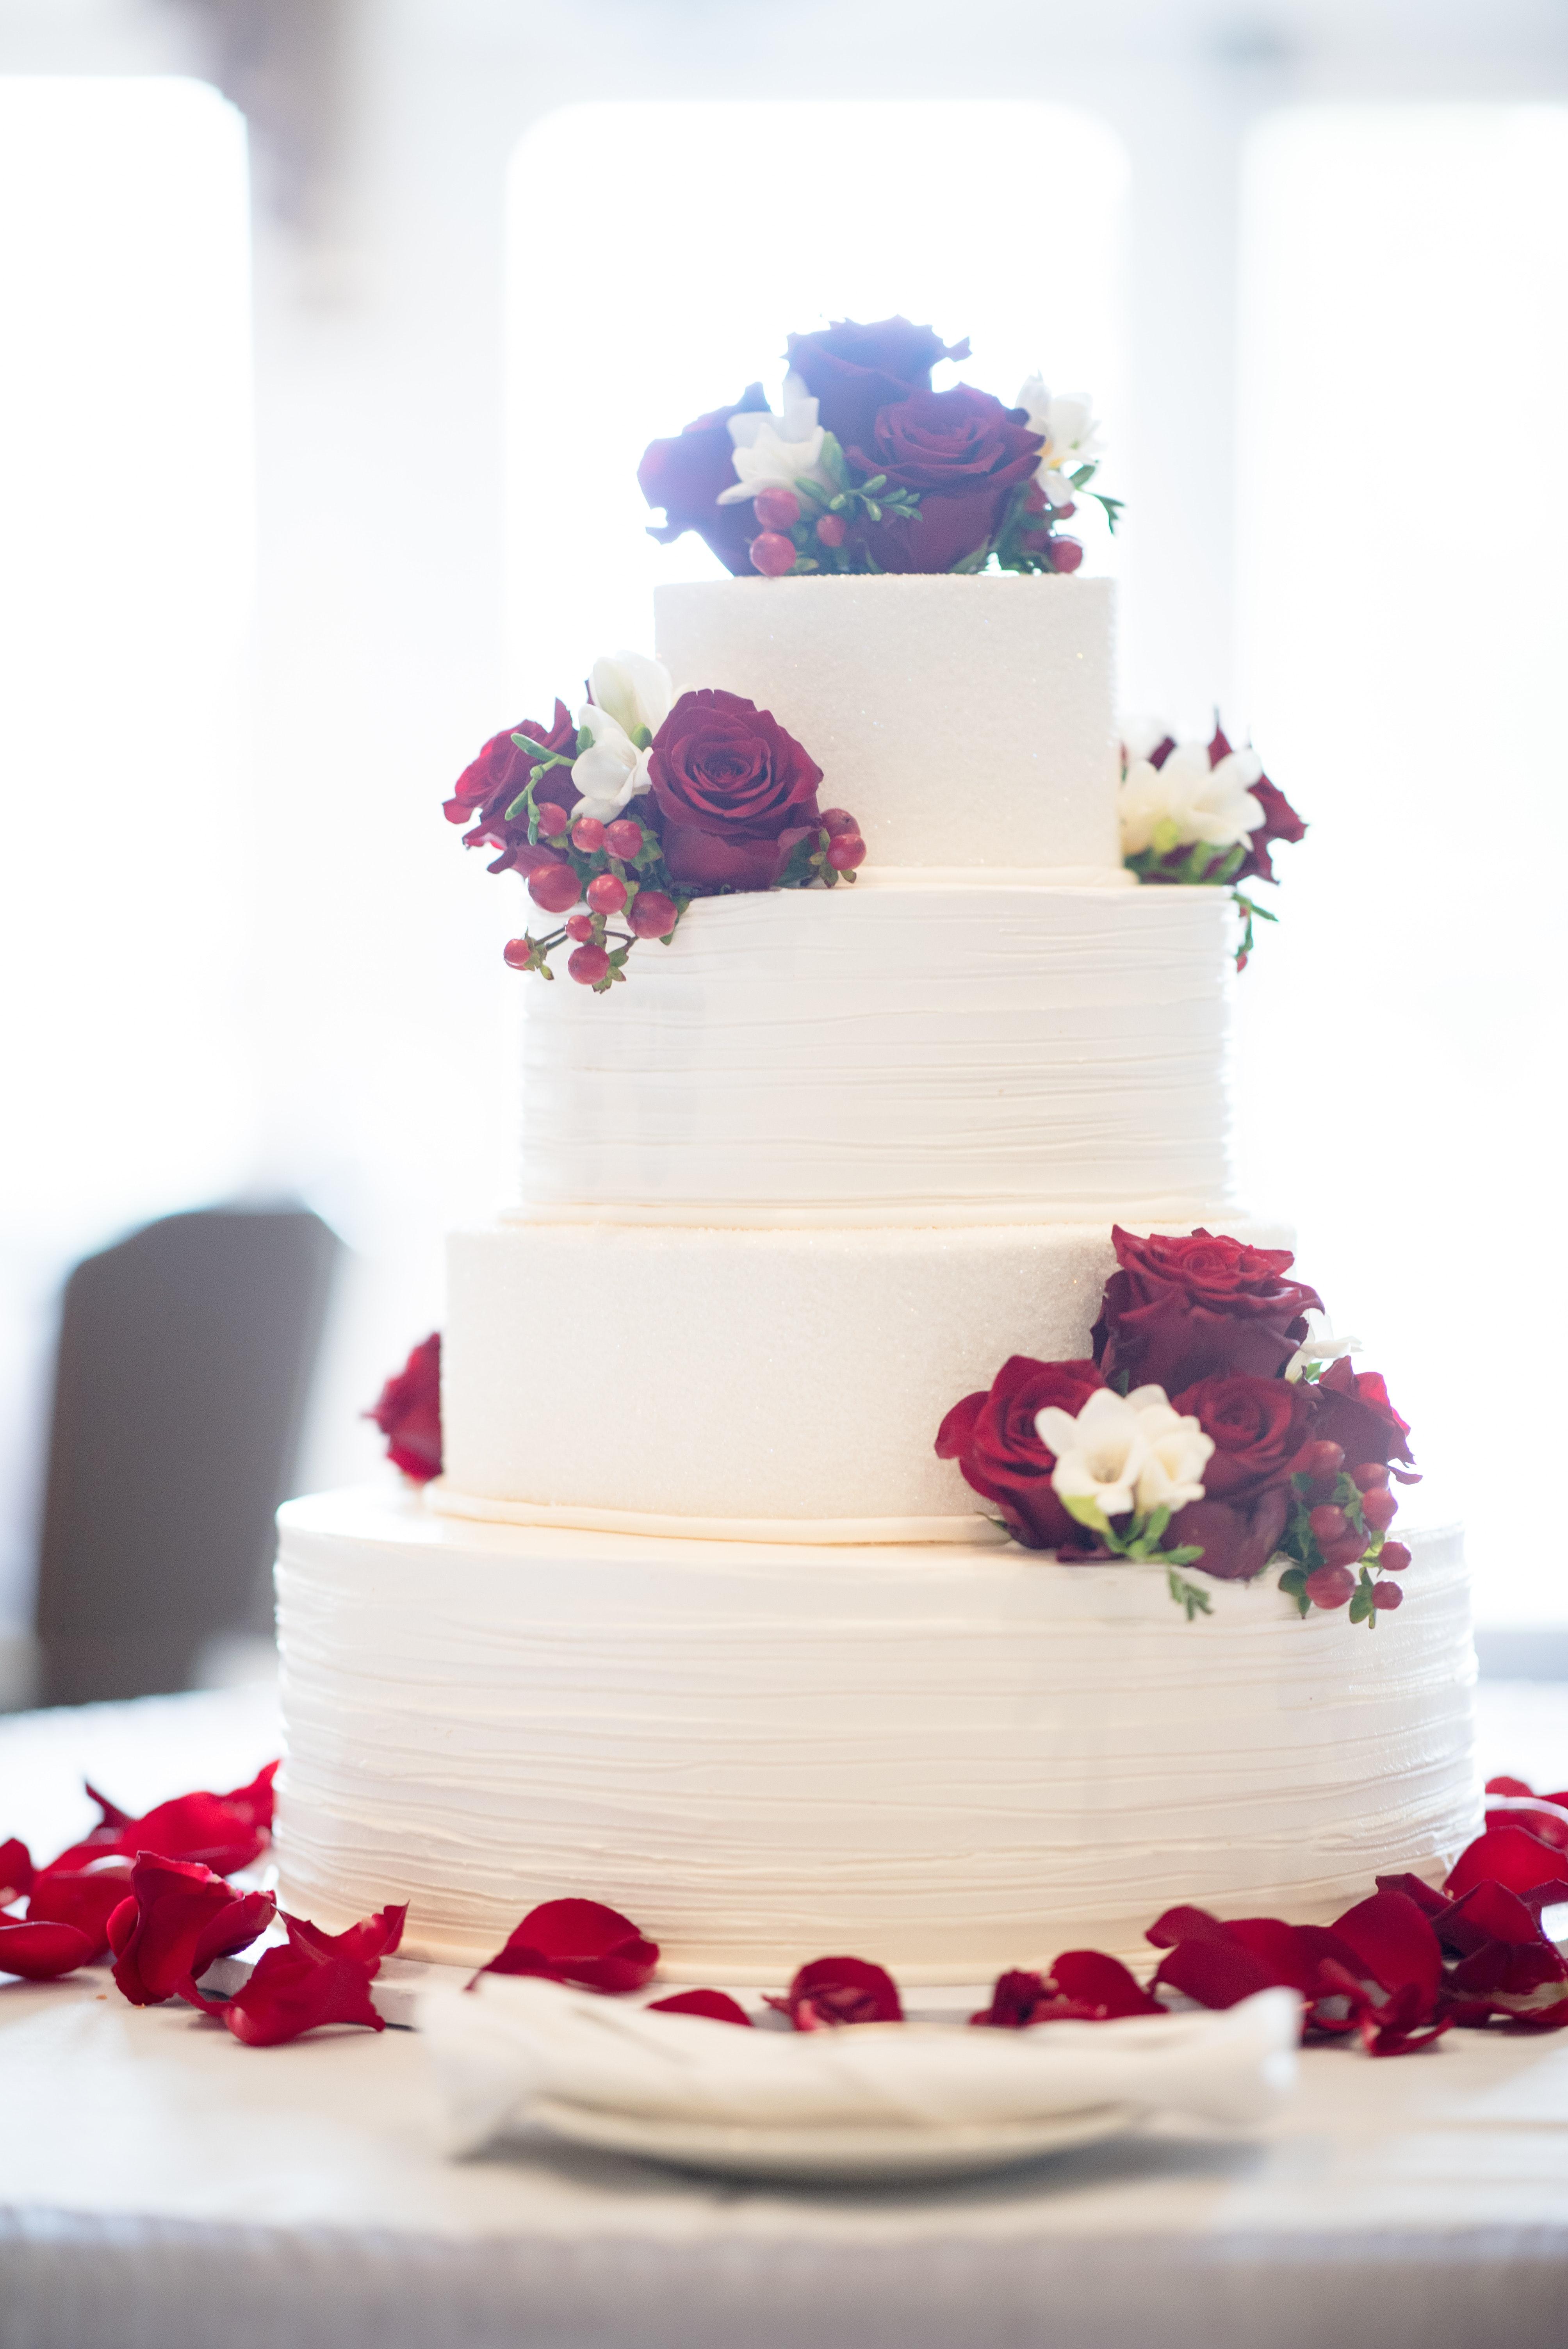 图片素材 庆典 巧克力 糖果 奶油 装饰 美味的 甜点 餐饮 刨冰 在室内 豪华 红玫瑰